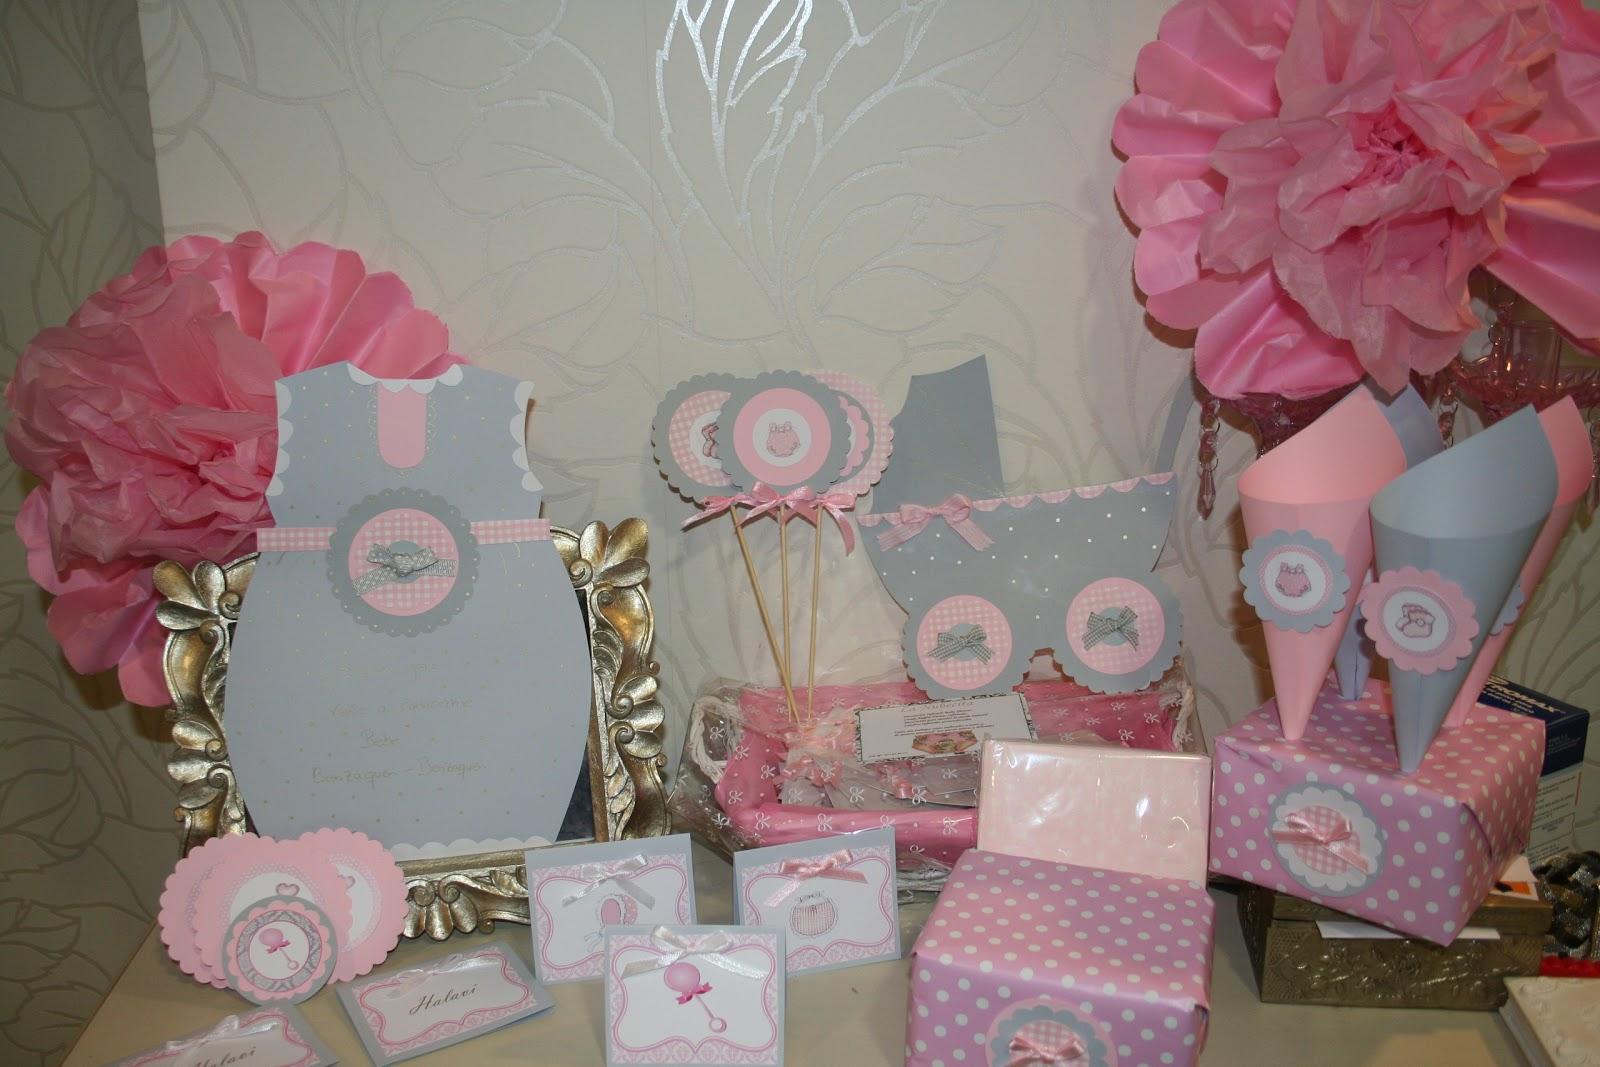 Ideas De Decoraciones Para Baby Shower De Nino.26 Images Baby Shower Nina Baby Shower